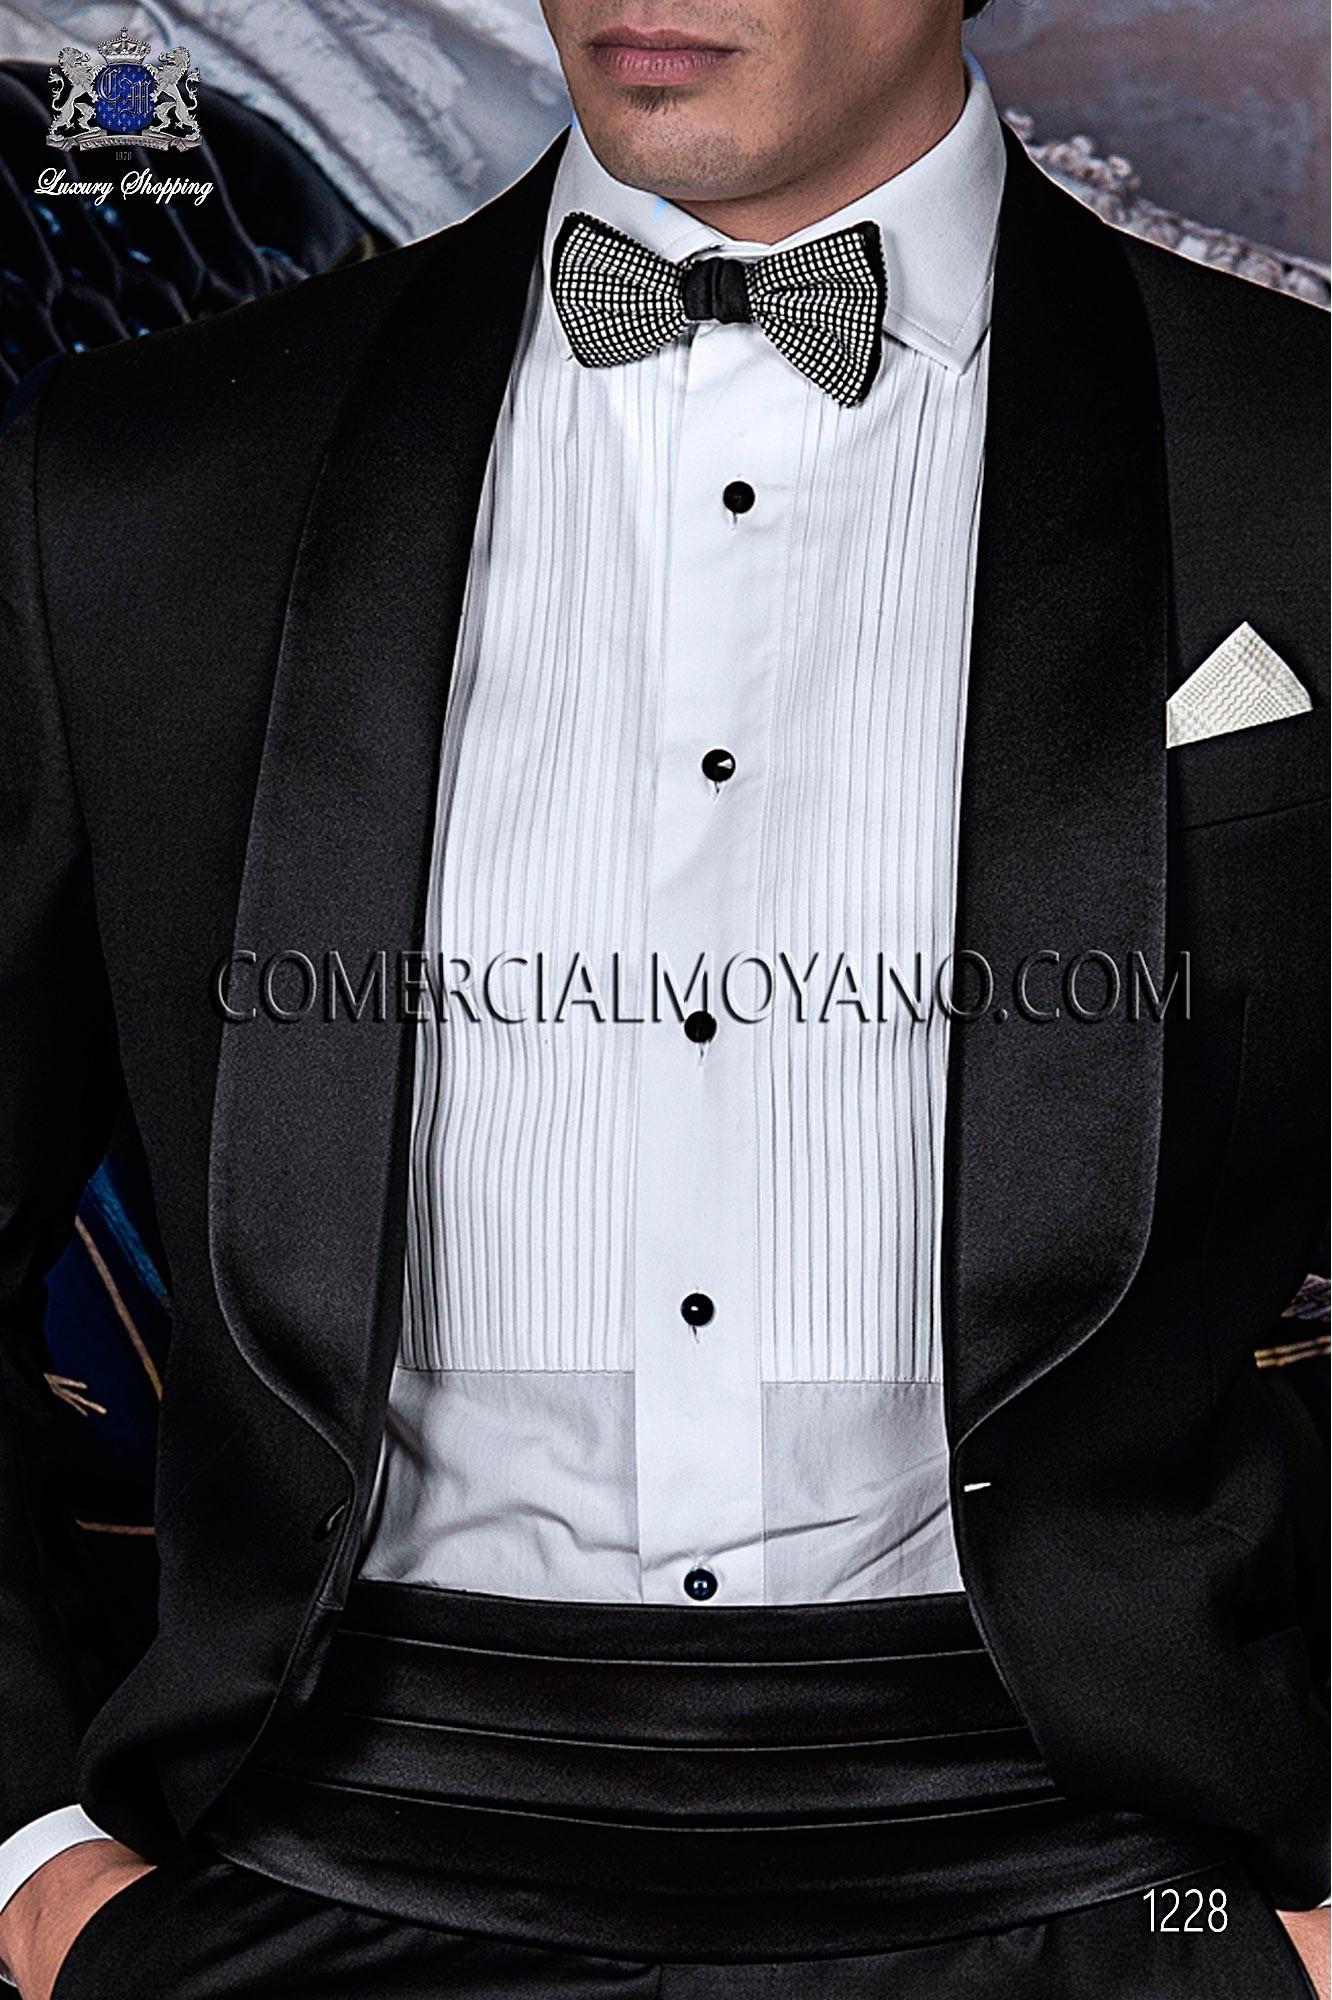 Traje BlackTie de novio negro modelo: 1228 Ottavio Nuccio Gala colección Black Tie